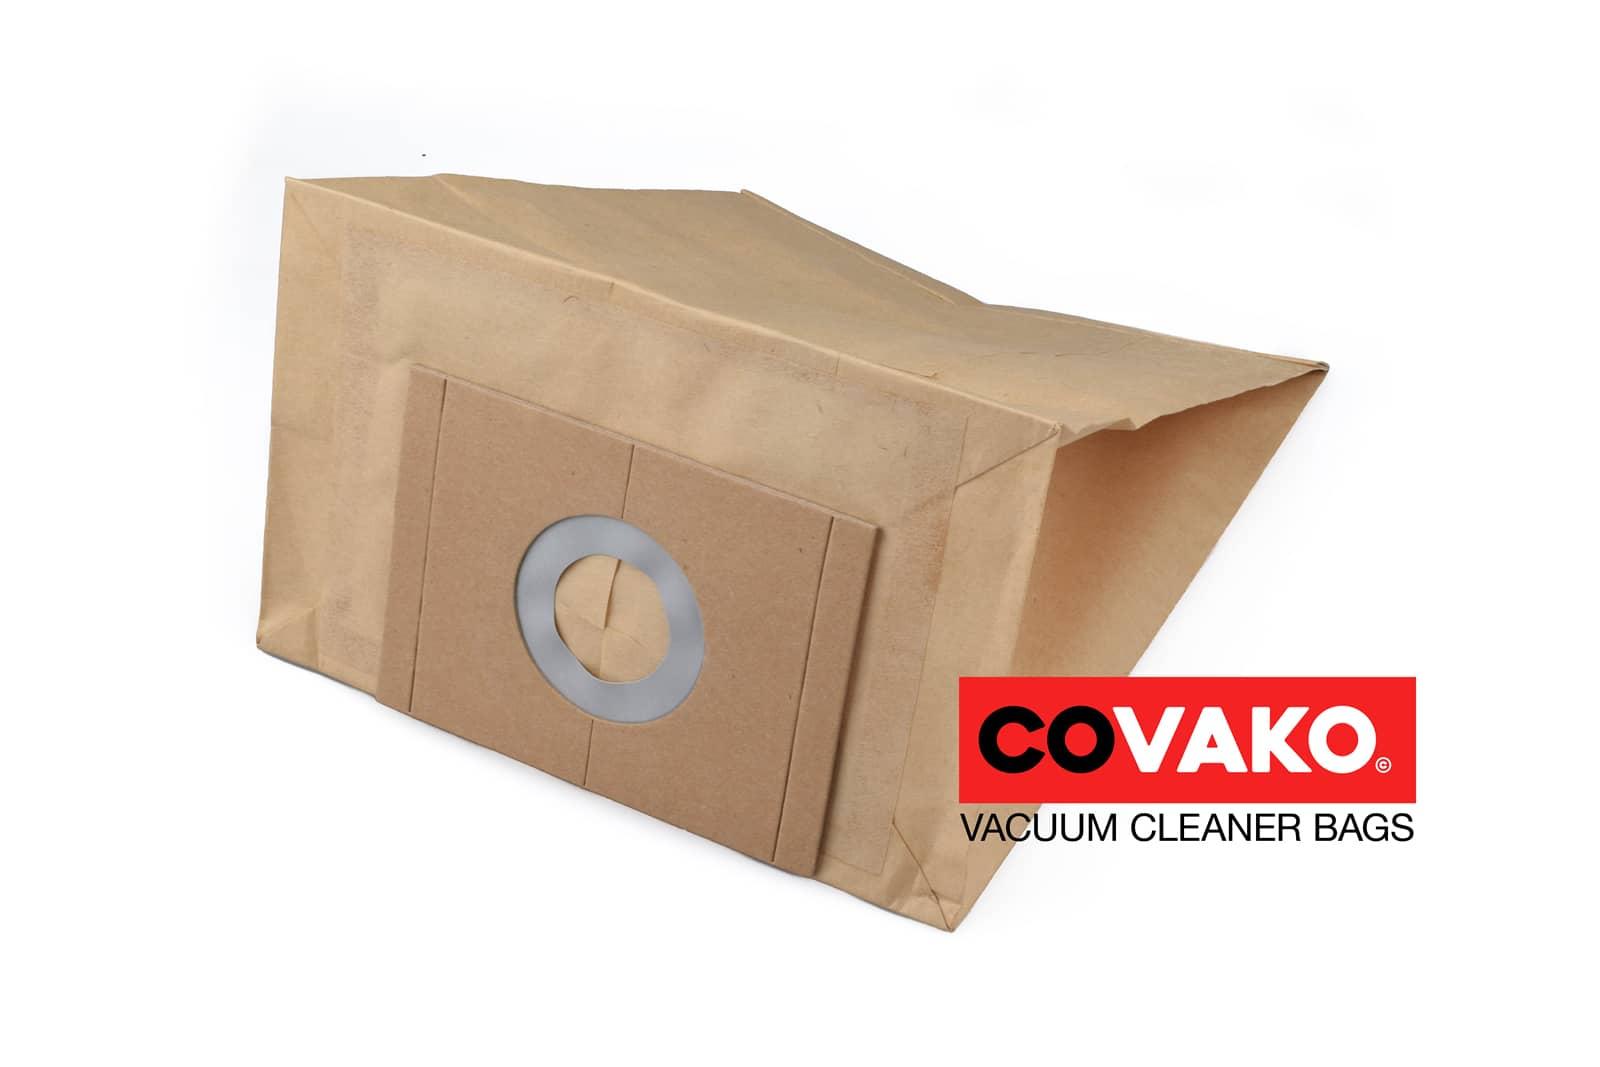 Tennant SM 110 / Papier - Tennant sacs d'aspirateur